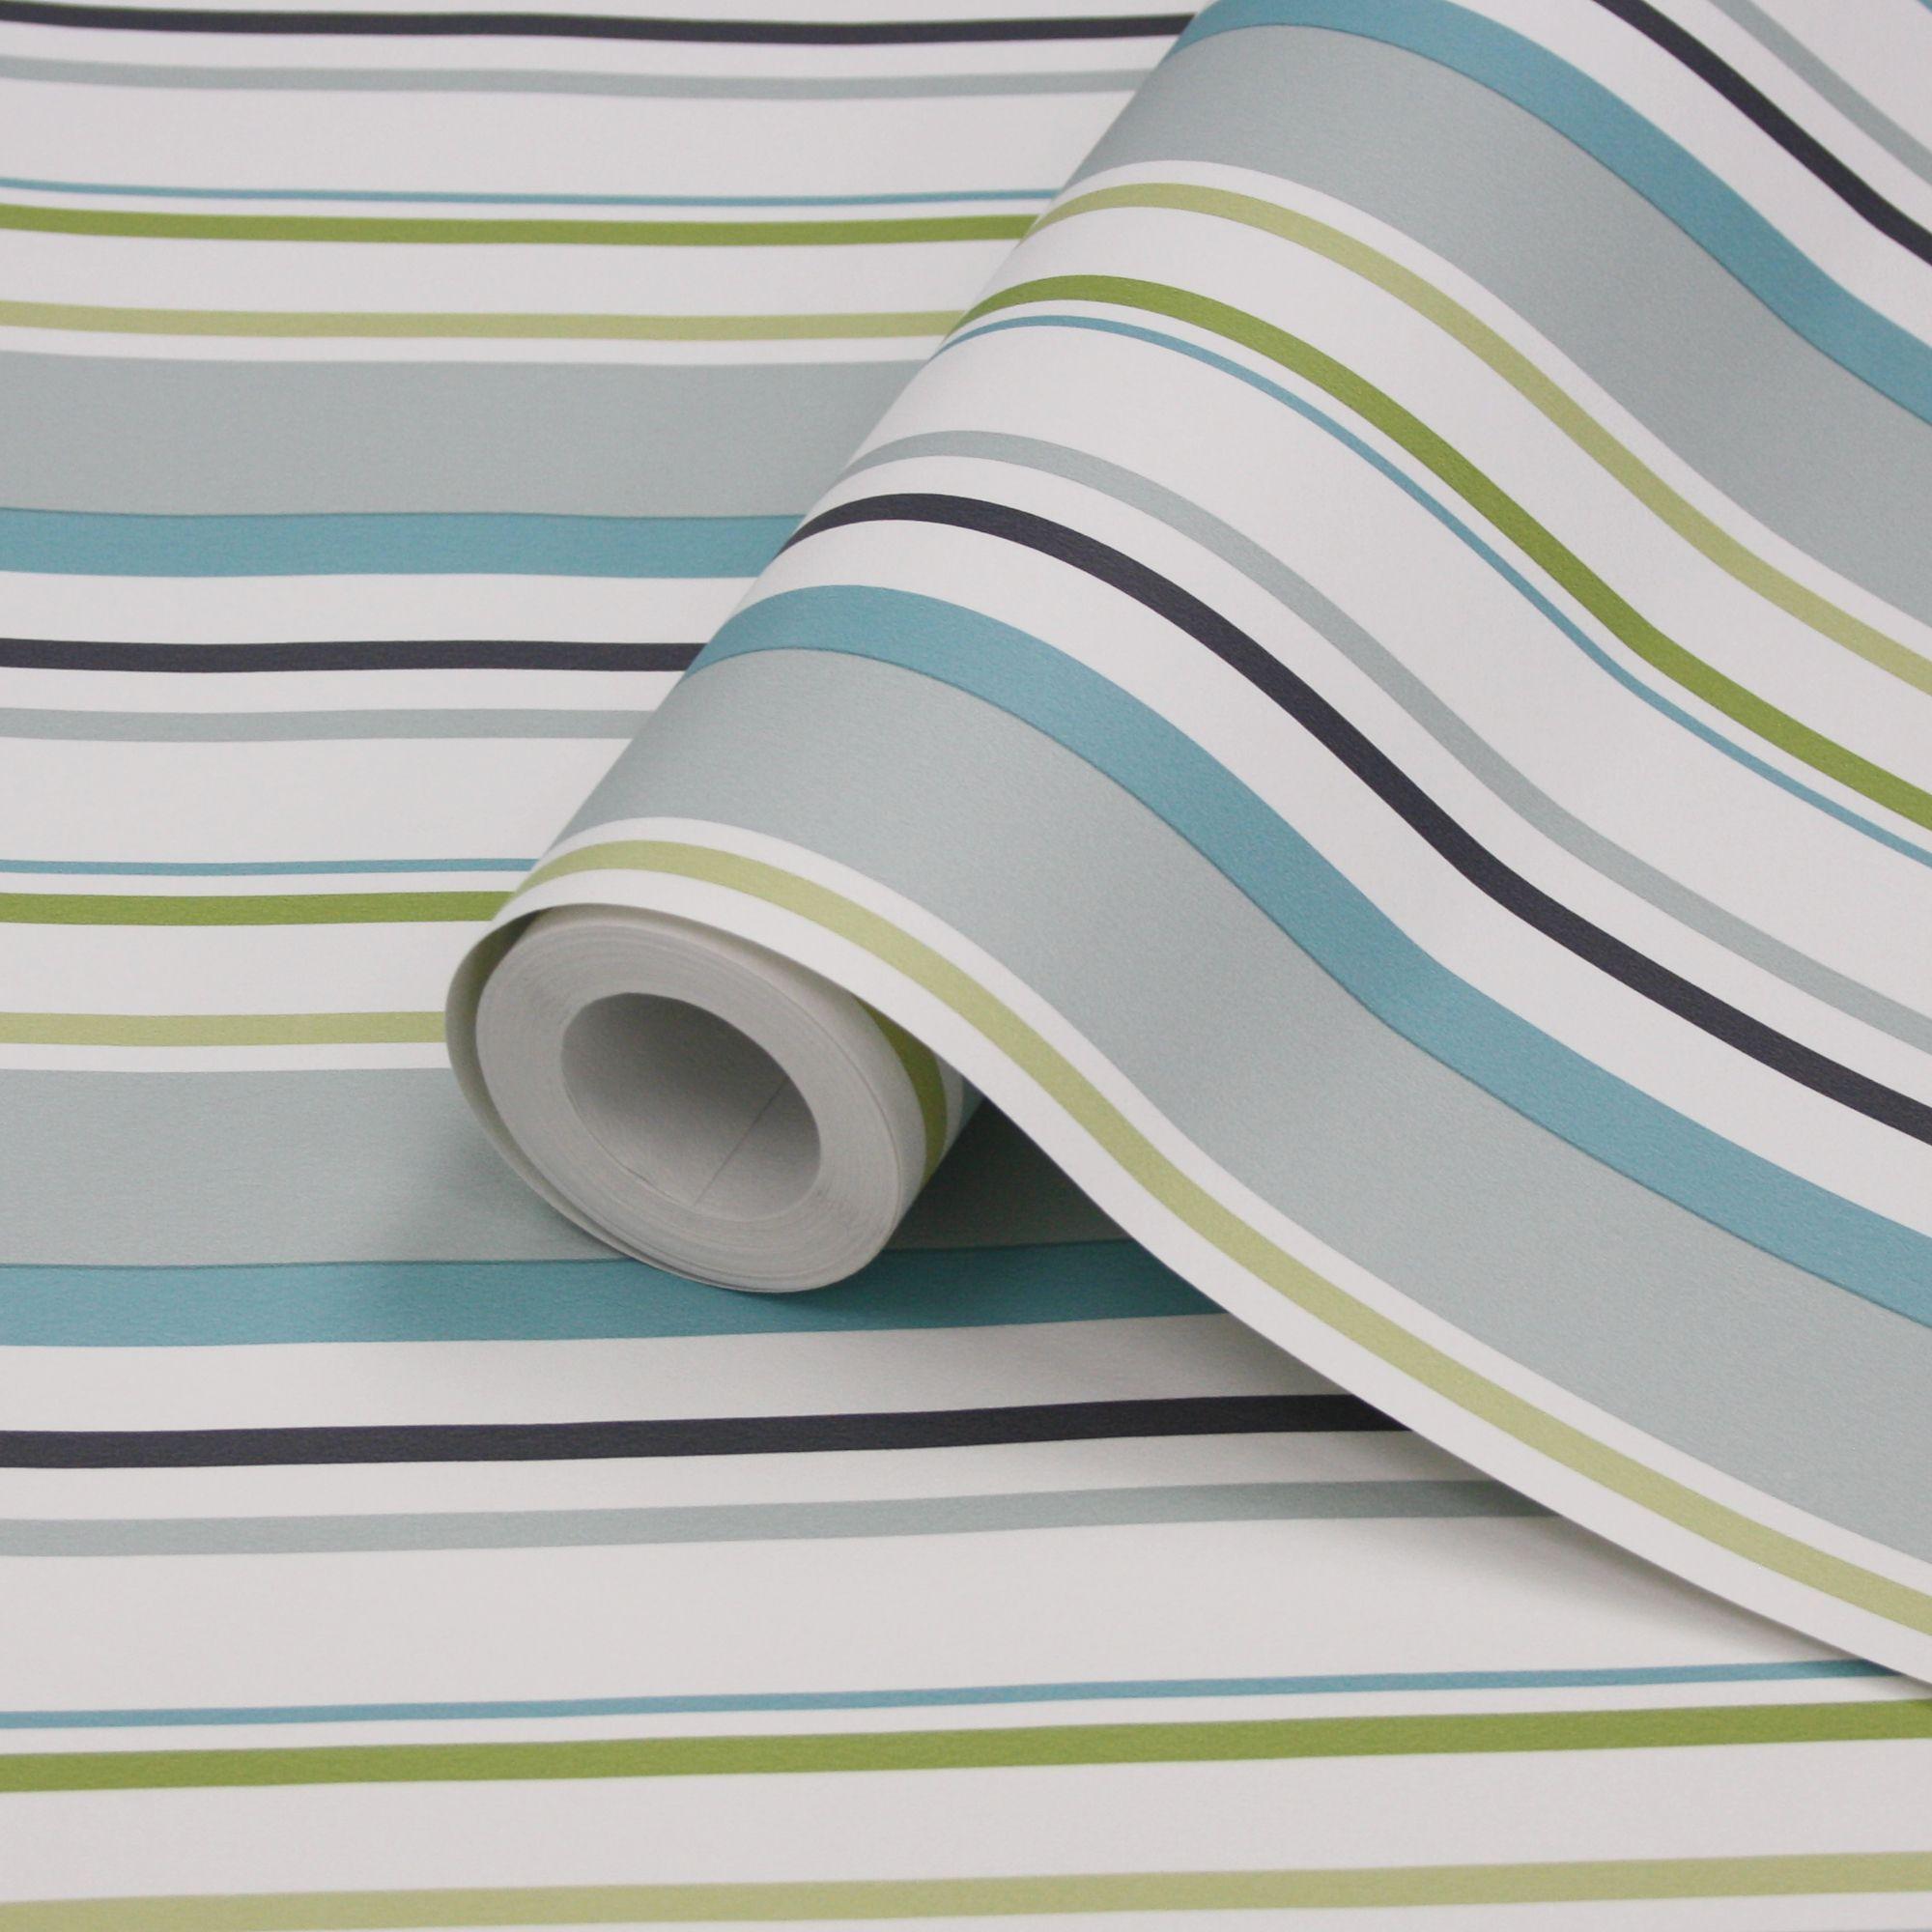 striped wallpaper b&q,green,aqua,blue